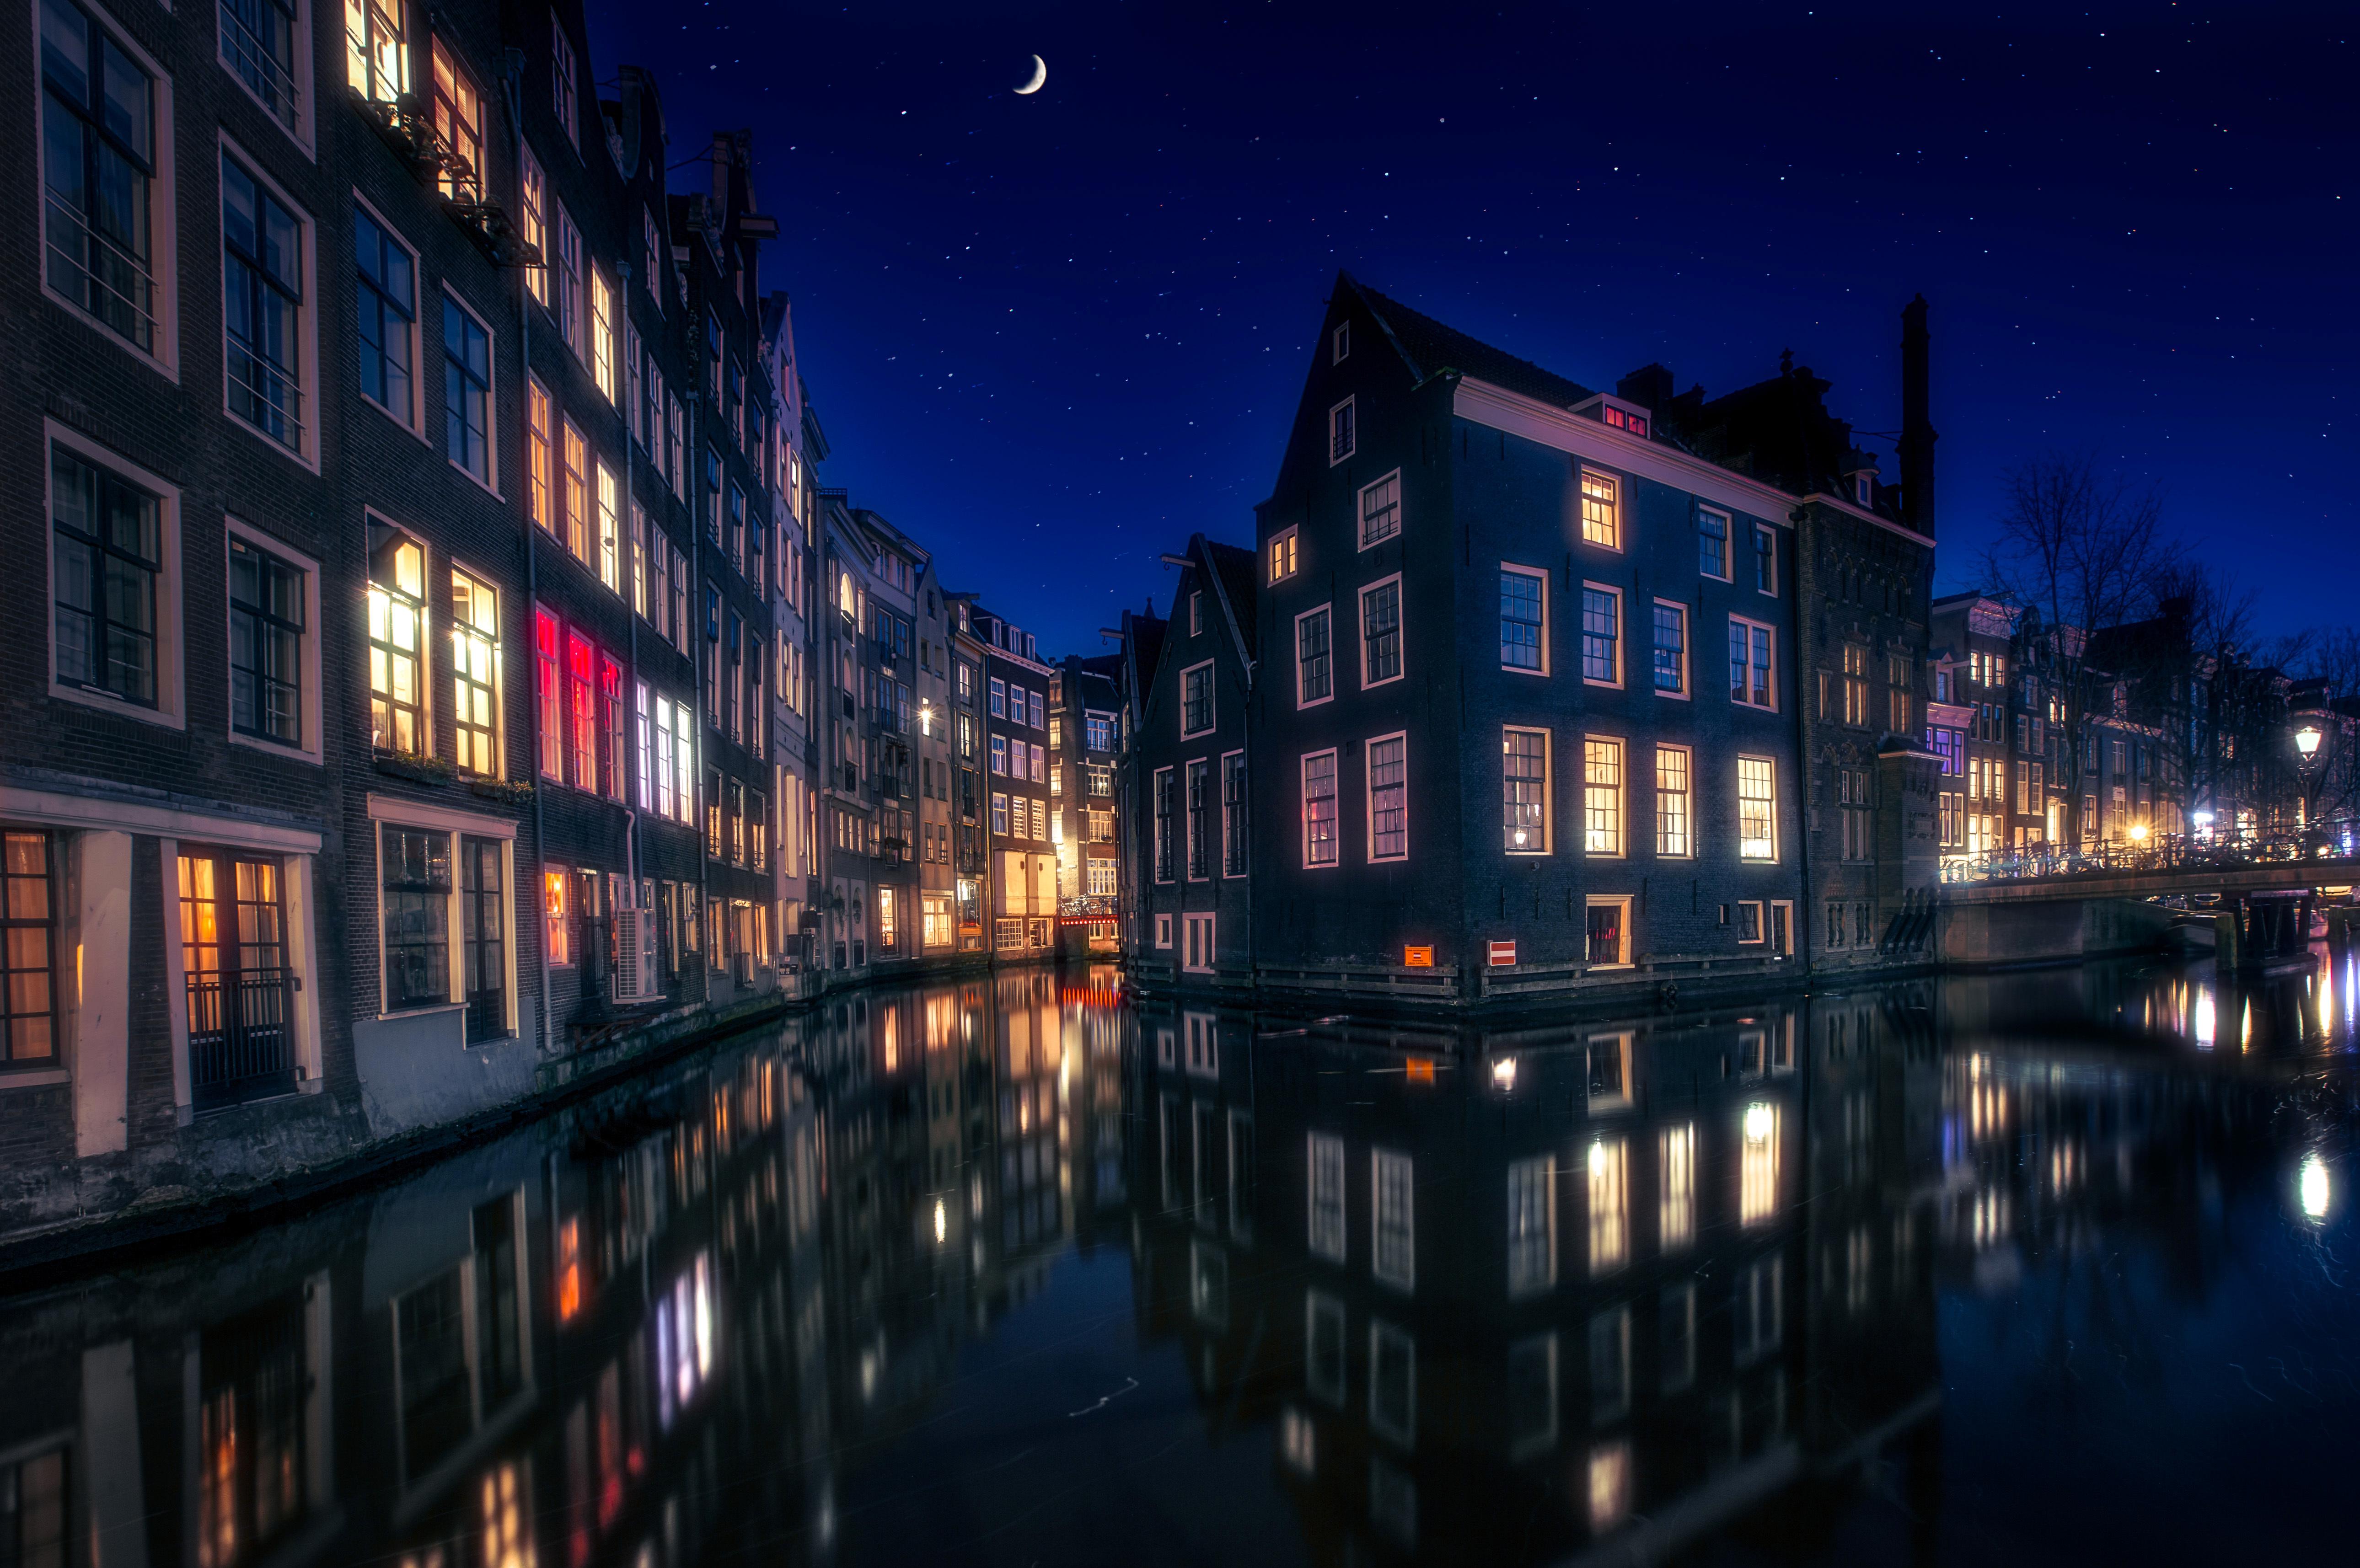 конечном картинки домов в городе ночью легенды